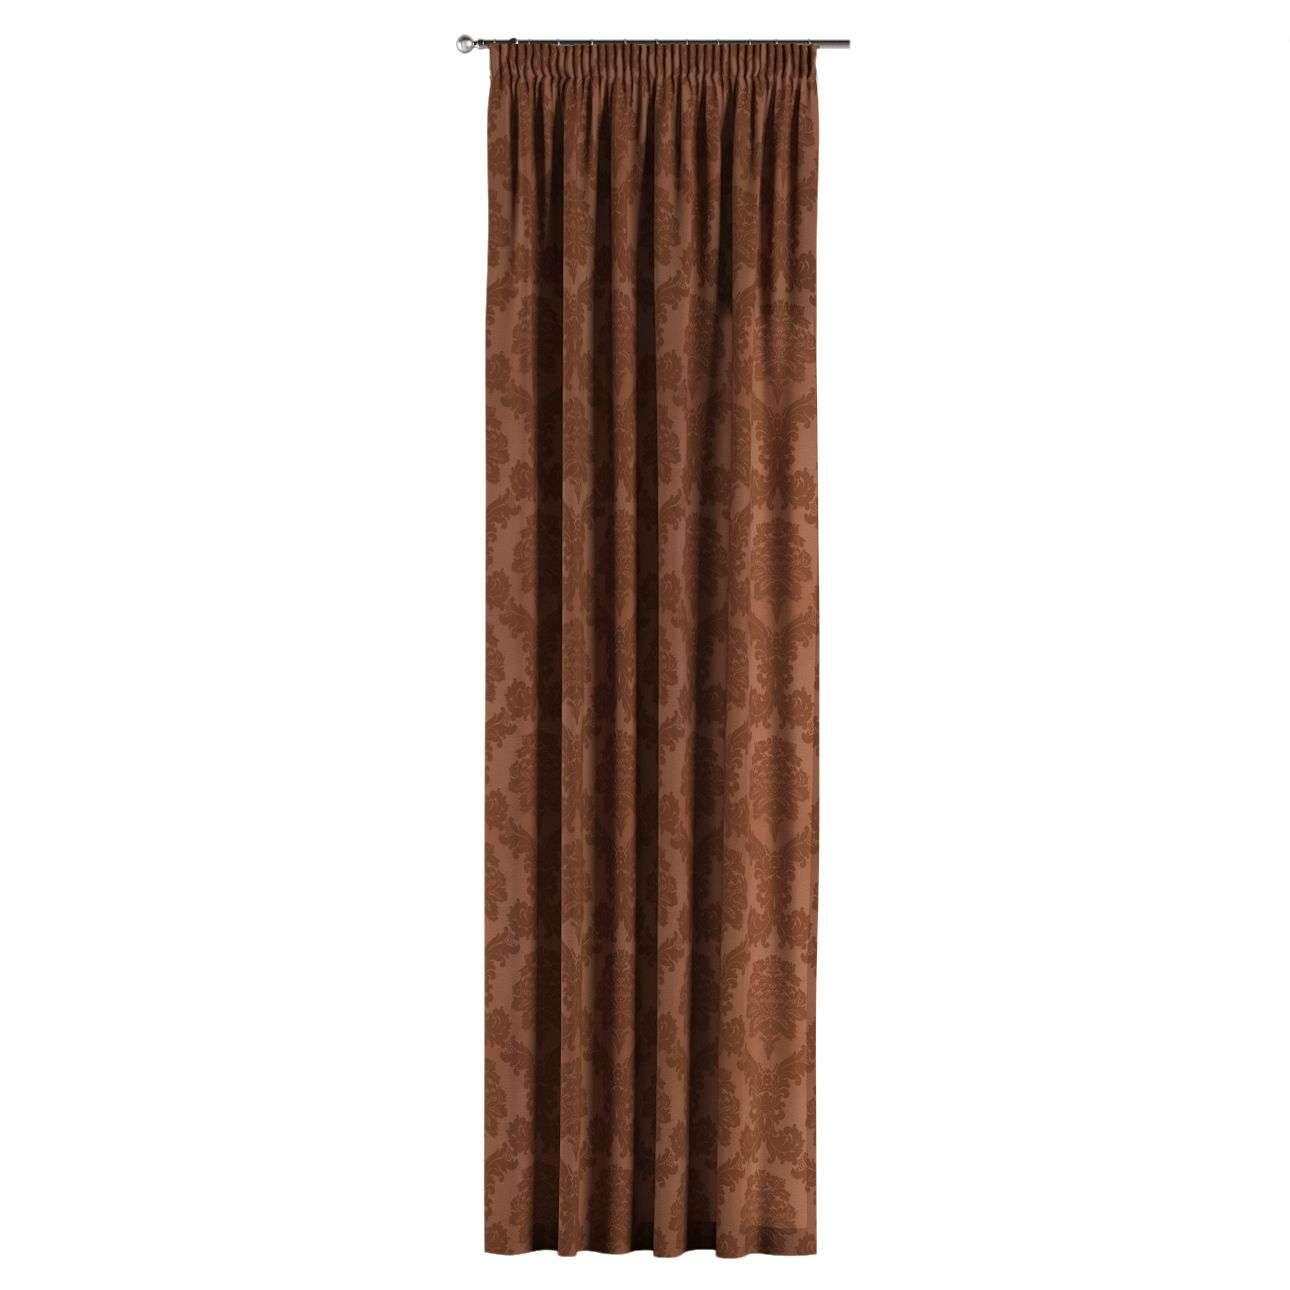 Záves na riasiacej páske 130 x 260 cm V kolekcii Damasco, tkanina: 613-88